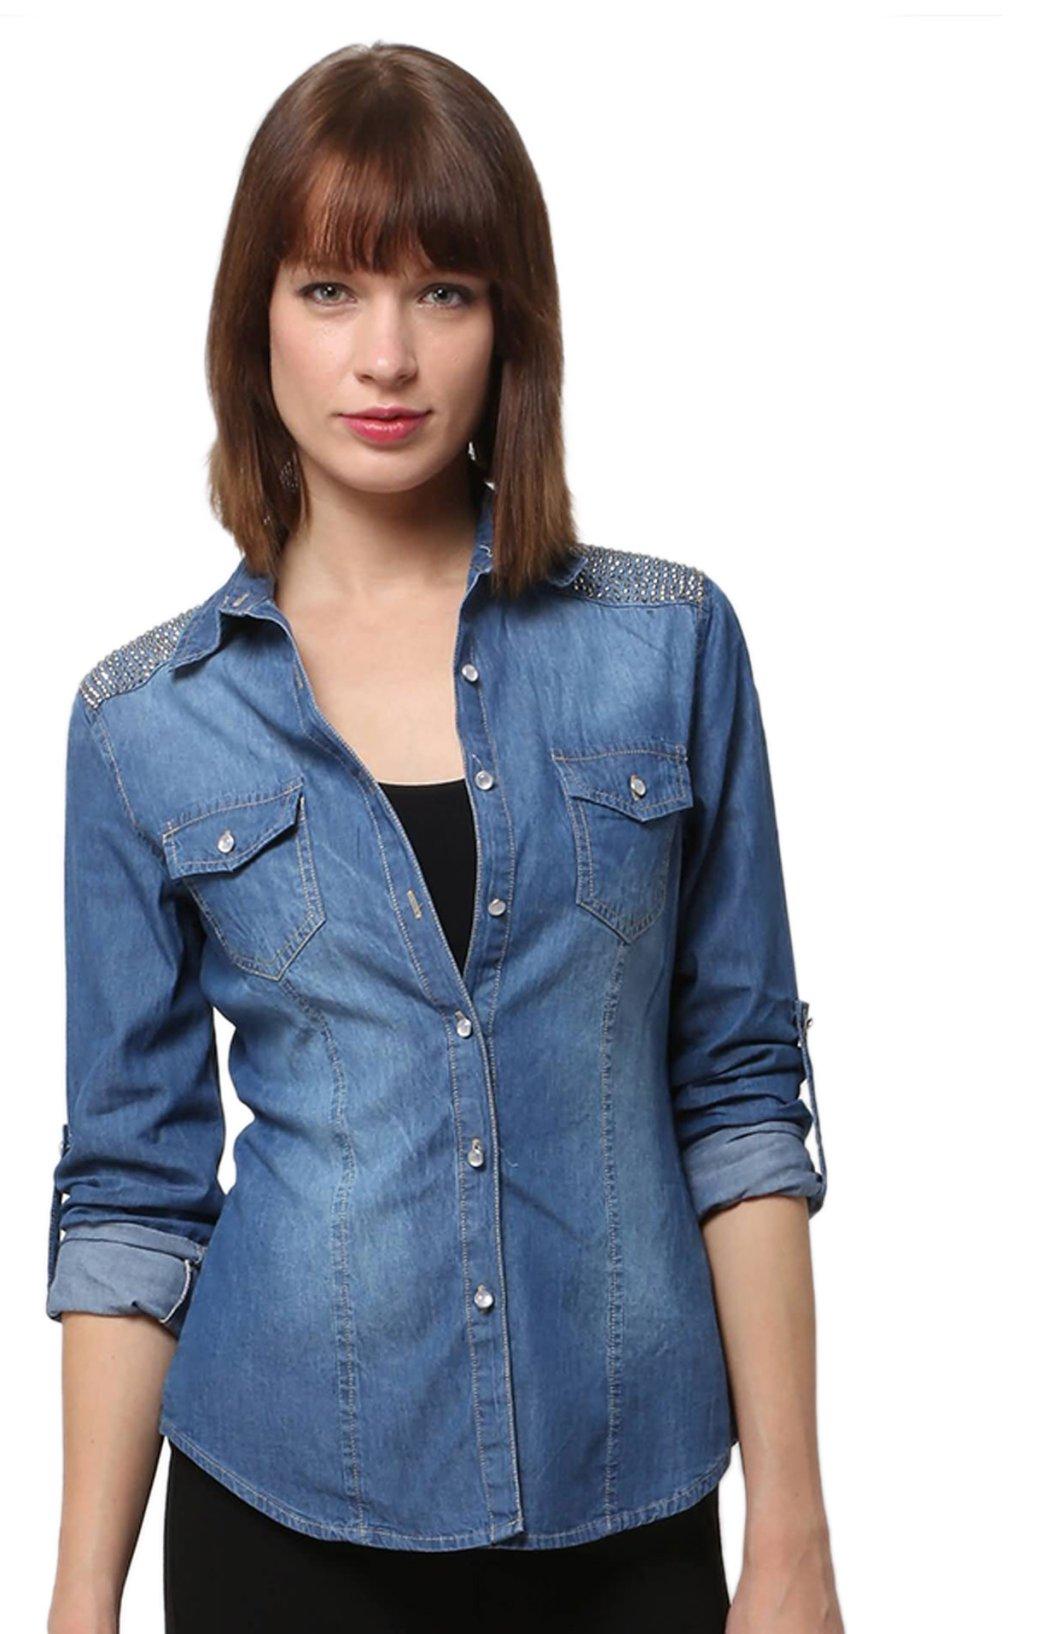 cfaf87a198b1 Je veux trouver une belle chemise femme et agréable à porter pas cher ICI  Chemise en jean femme xl